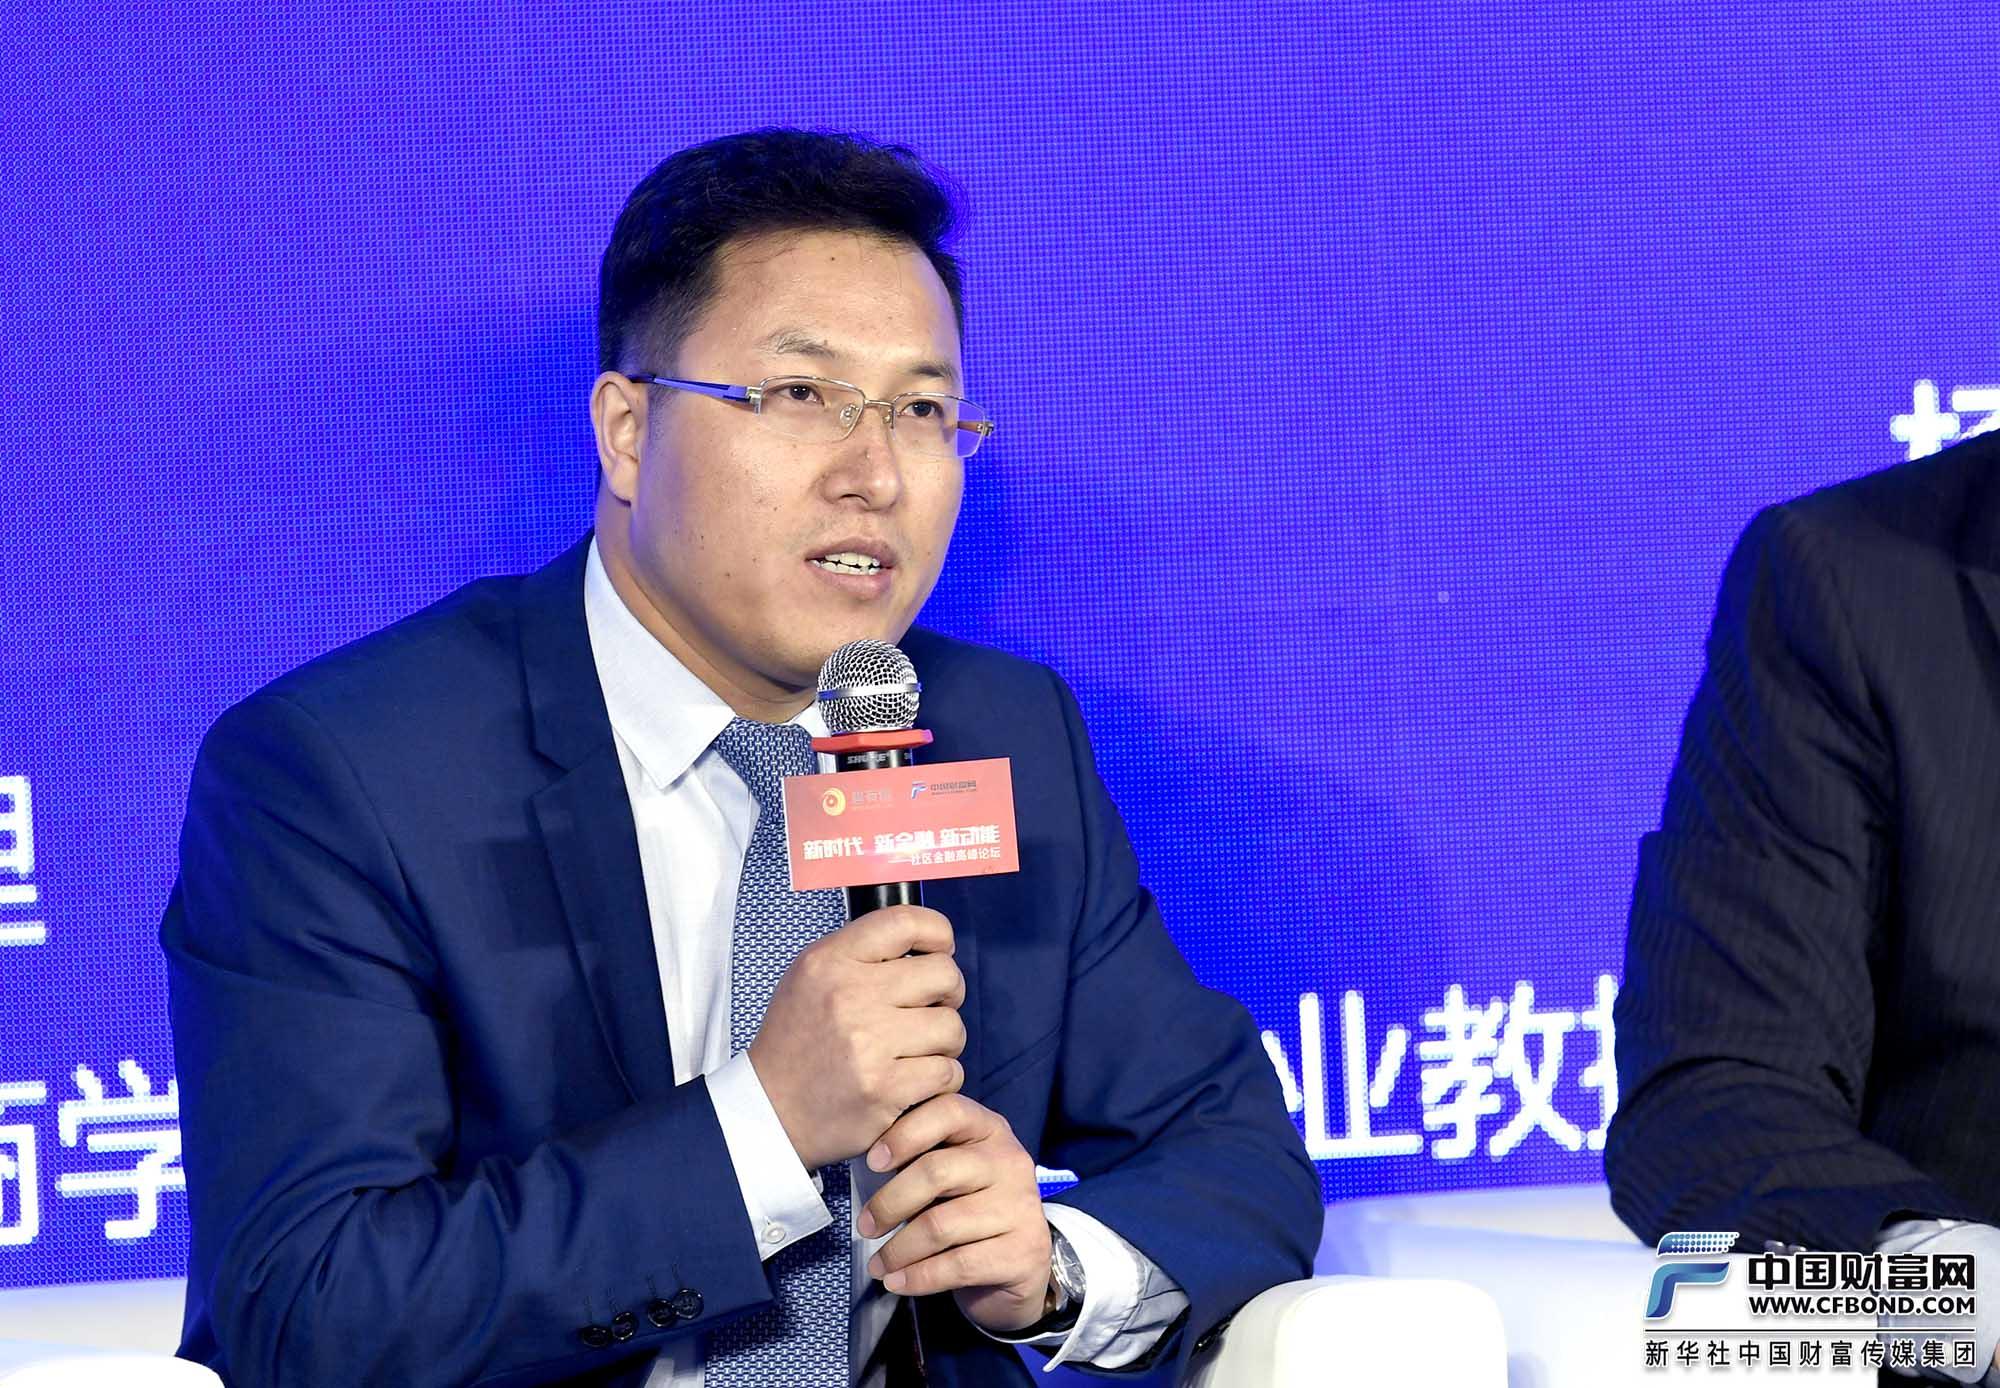 圆桌论坛一发言嘉宾:《重新定义理财顾问》作者刘干霄